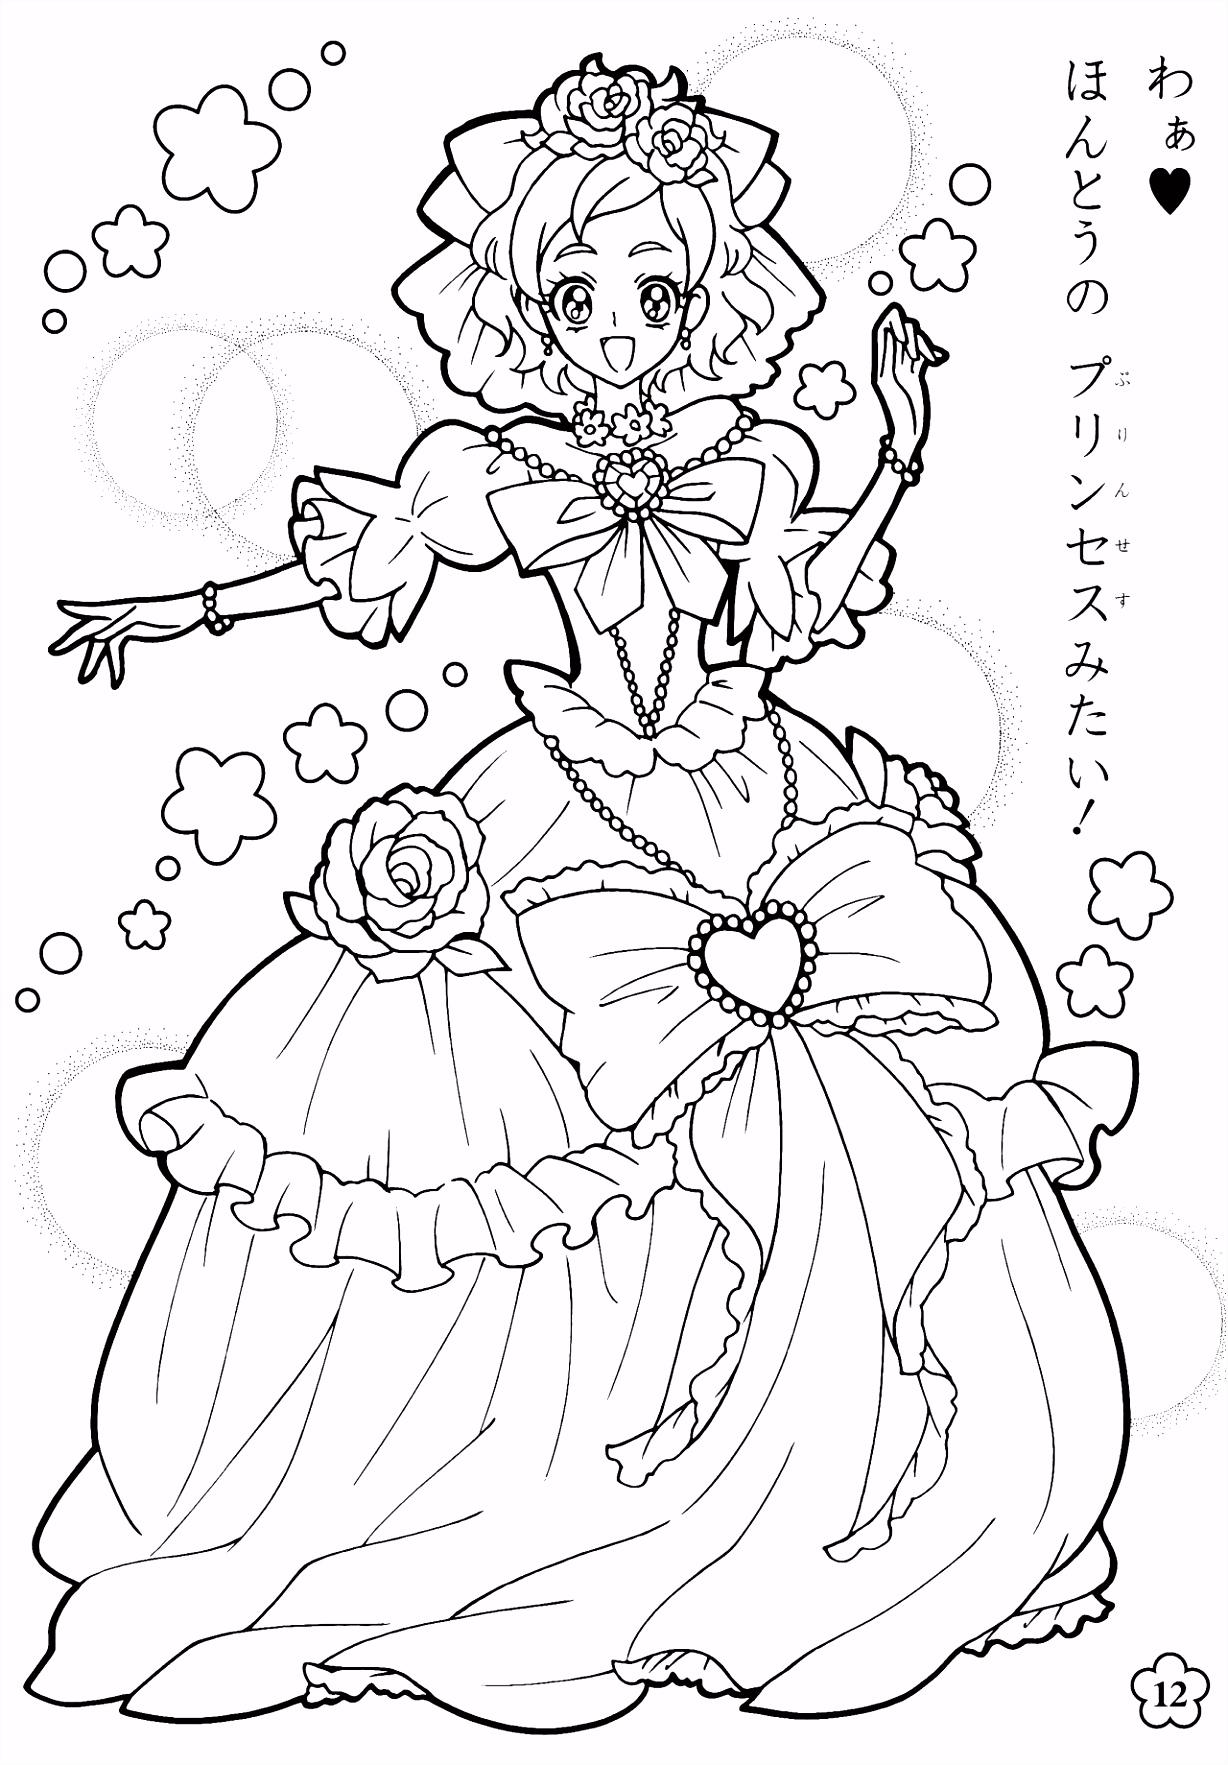 Kleurplaten Sakura Coloring Pages Moana Best Kleurplaten Google Zoeken Disney Quilts X1pl22tkb3 isvjh4oxt0